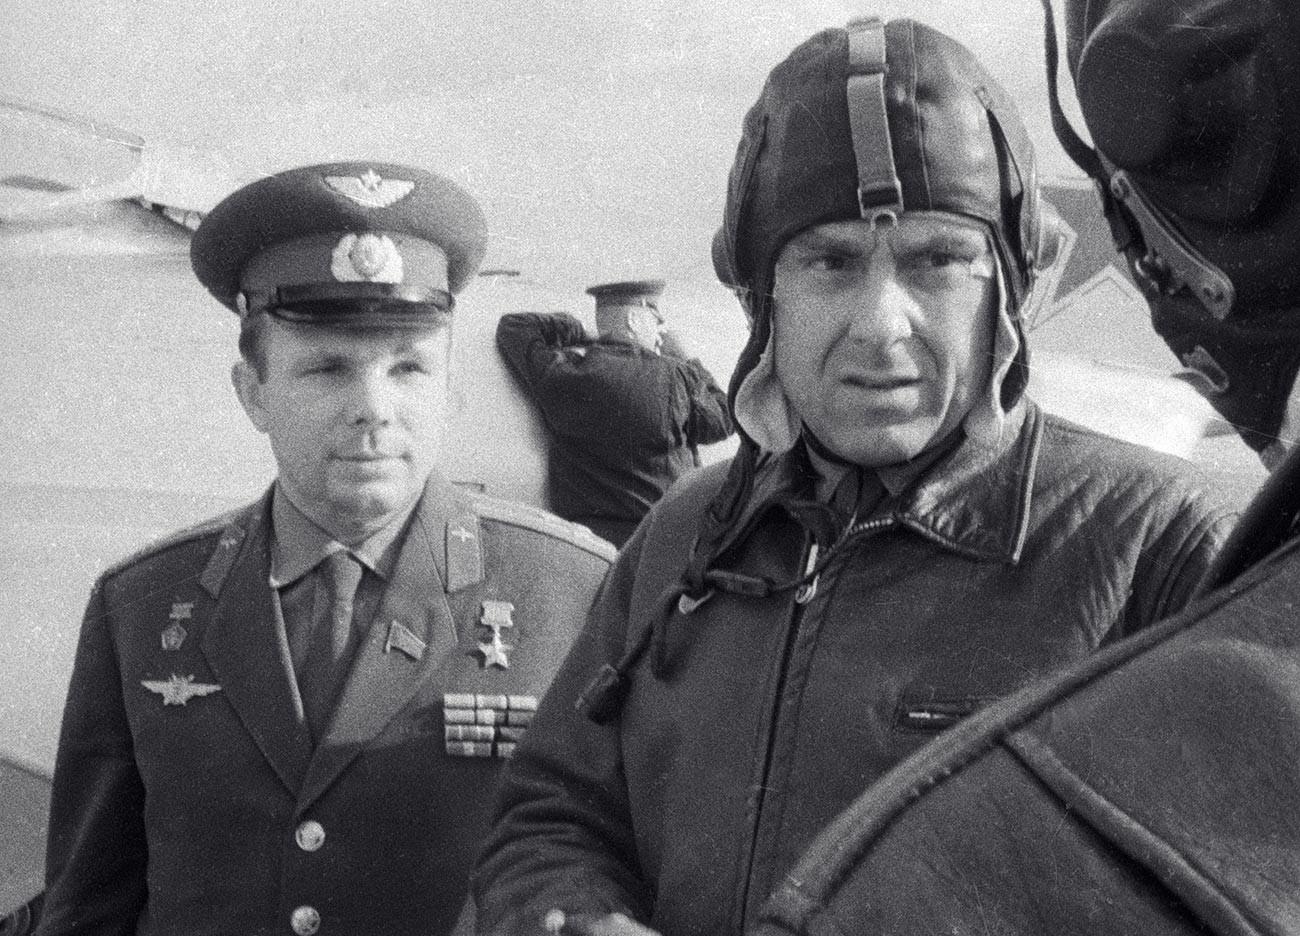 Jurij Gagarin in Vladimir Komarov